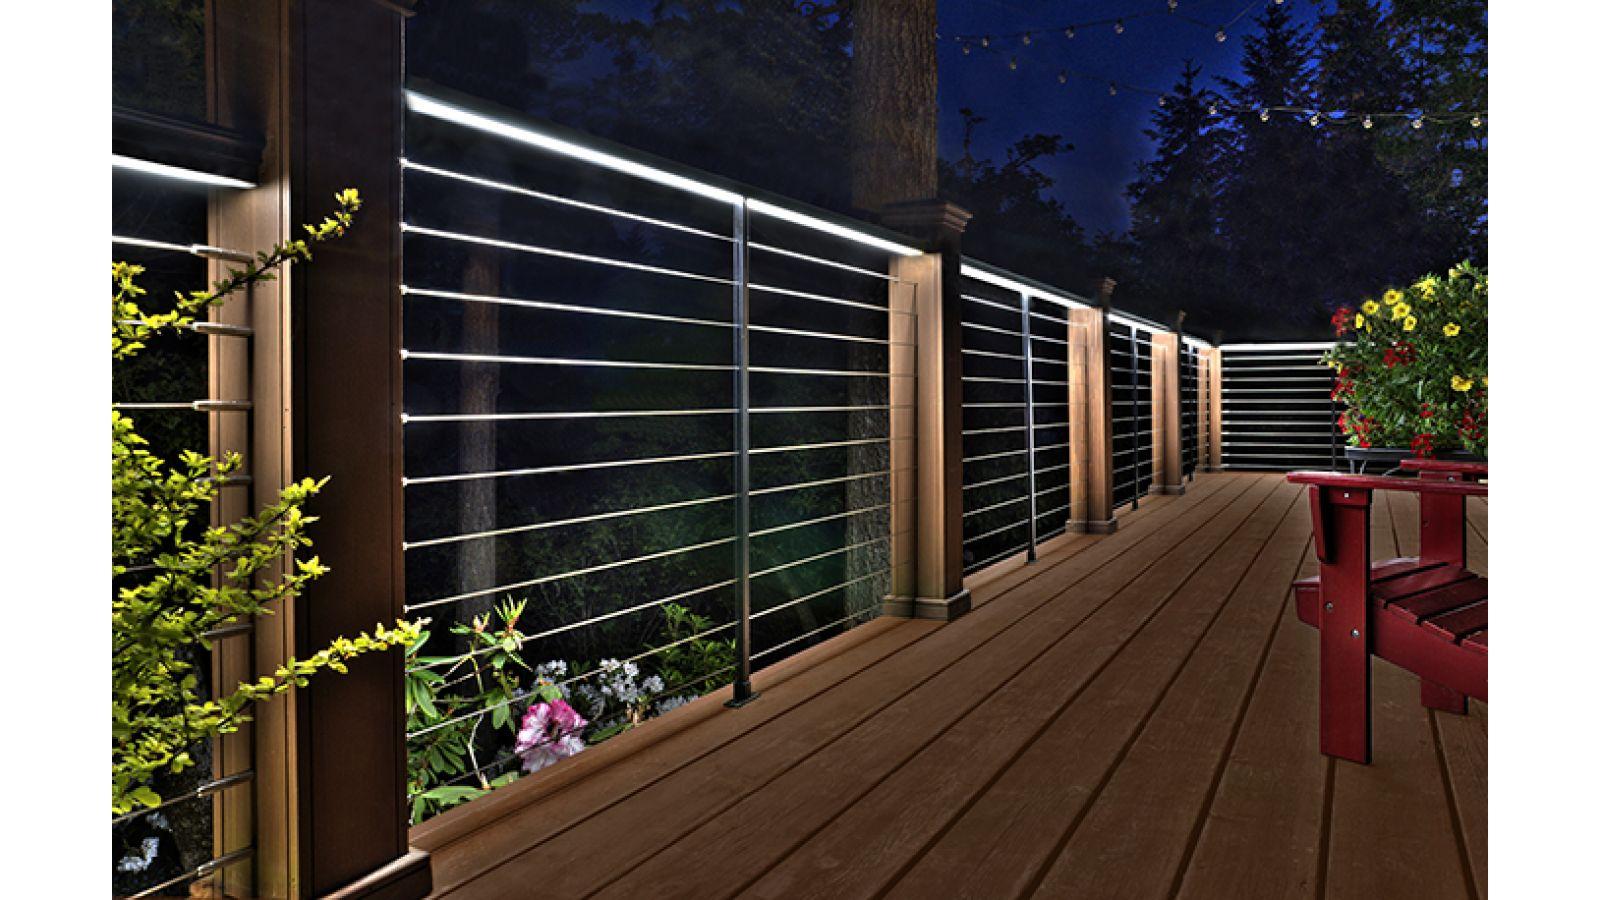 Feeney LED Rail Lighting